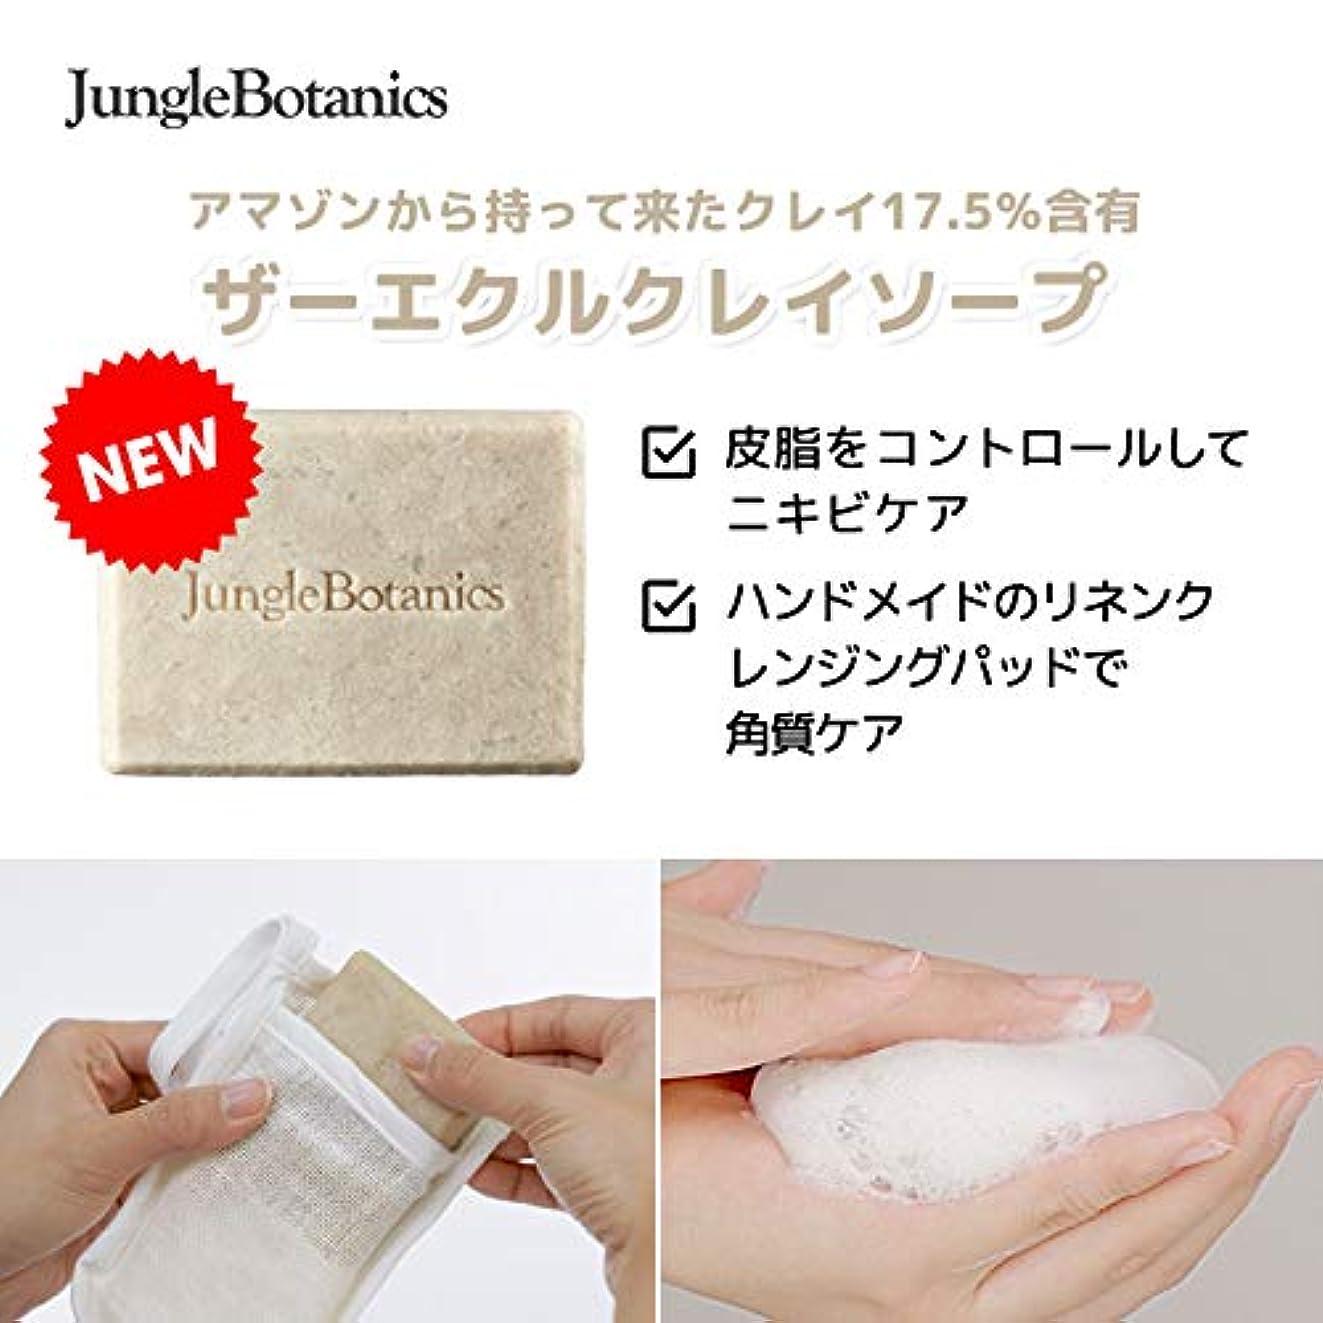 マトリックス与える現実的[JUNGLE BOTANICS] ザーエクルクレイソープ110g, [JUNGLE BOTANICS] The Ecru Clay Soap 110g [並行輸入品] …